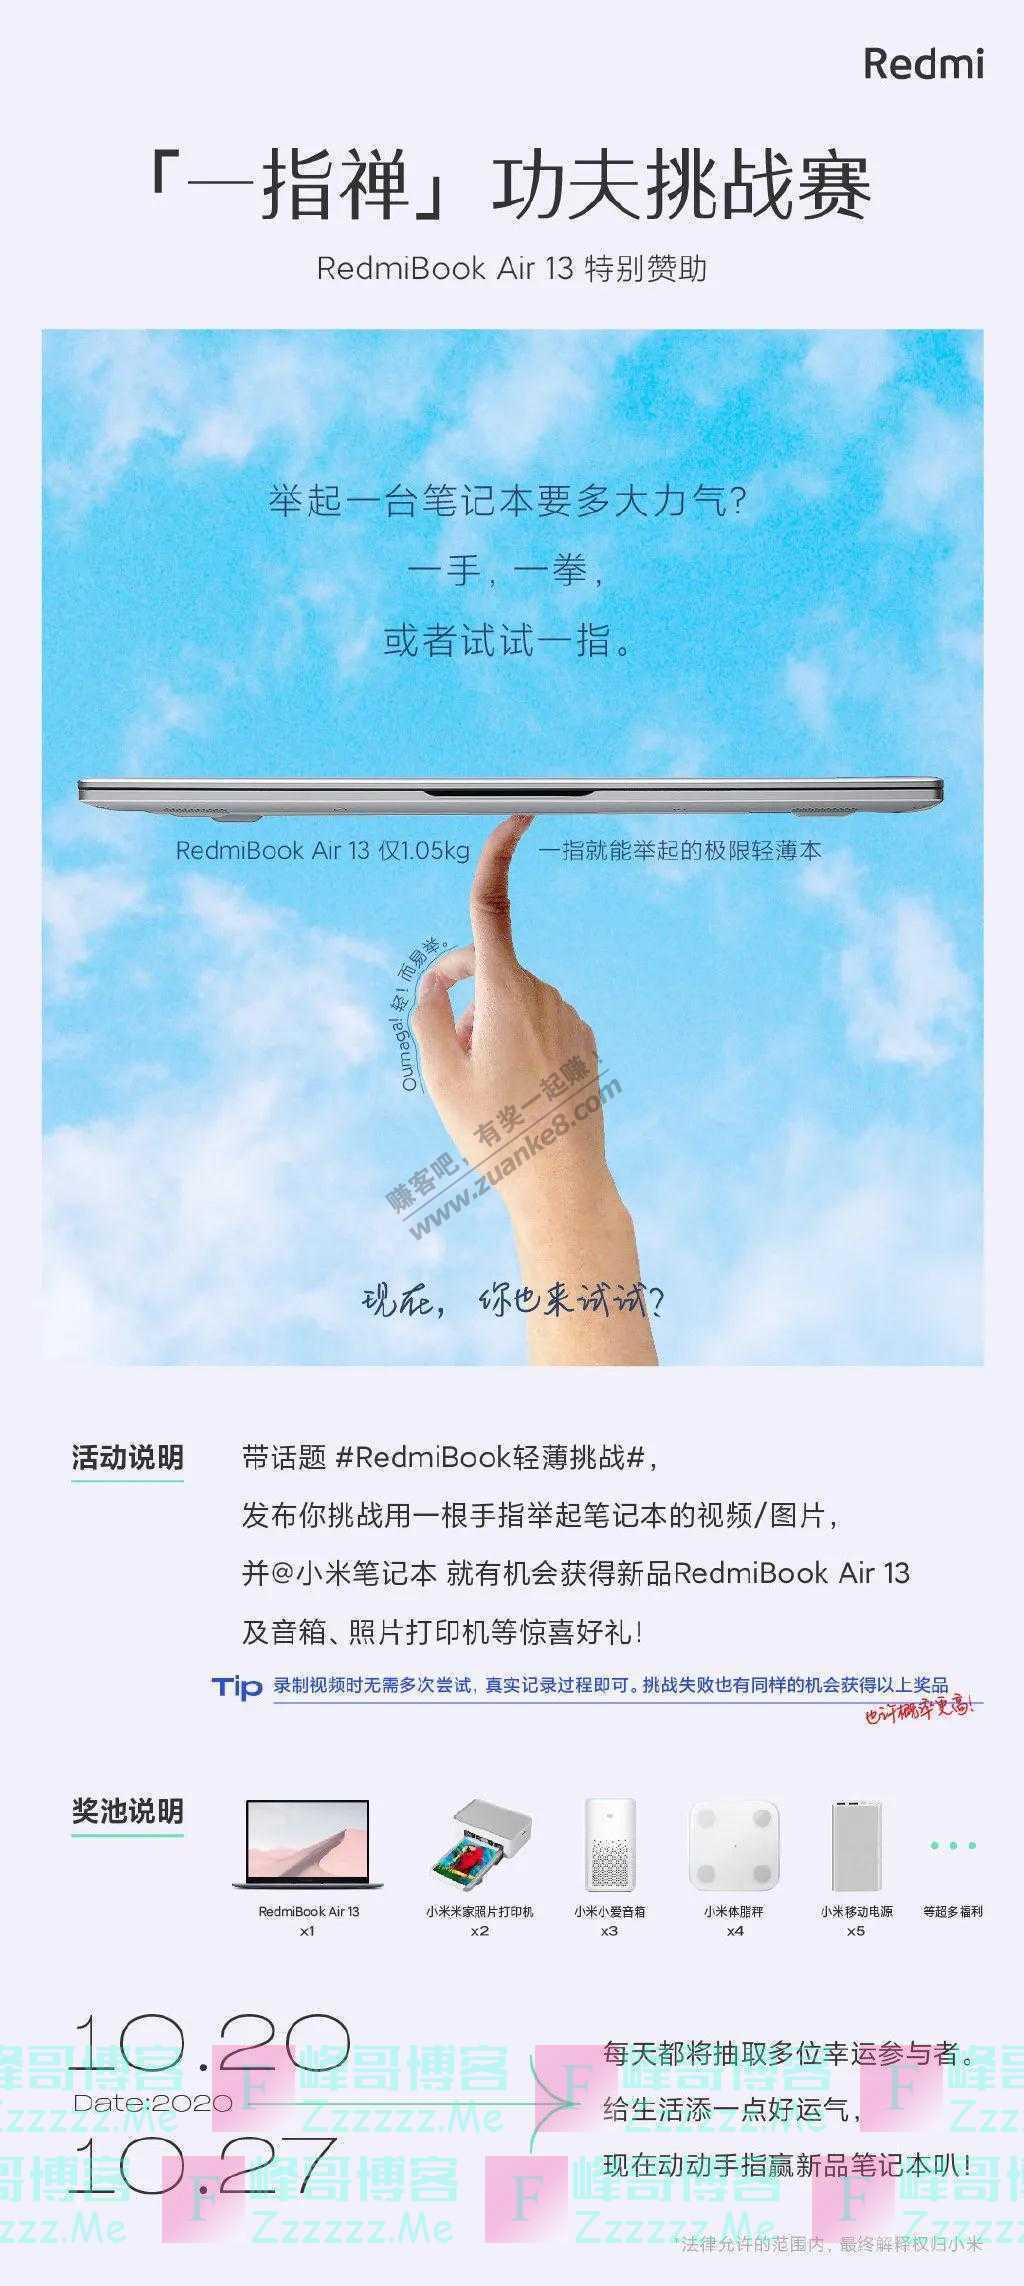 小米笔记本「一指禅」功夫挑战赛,邀请你来参加(截止10月27日)